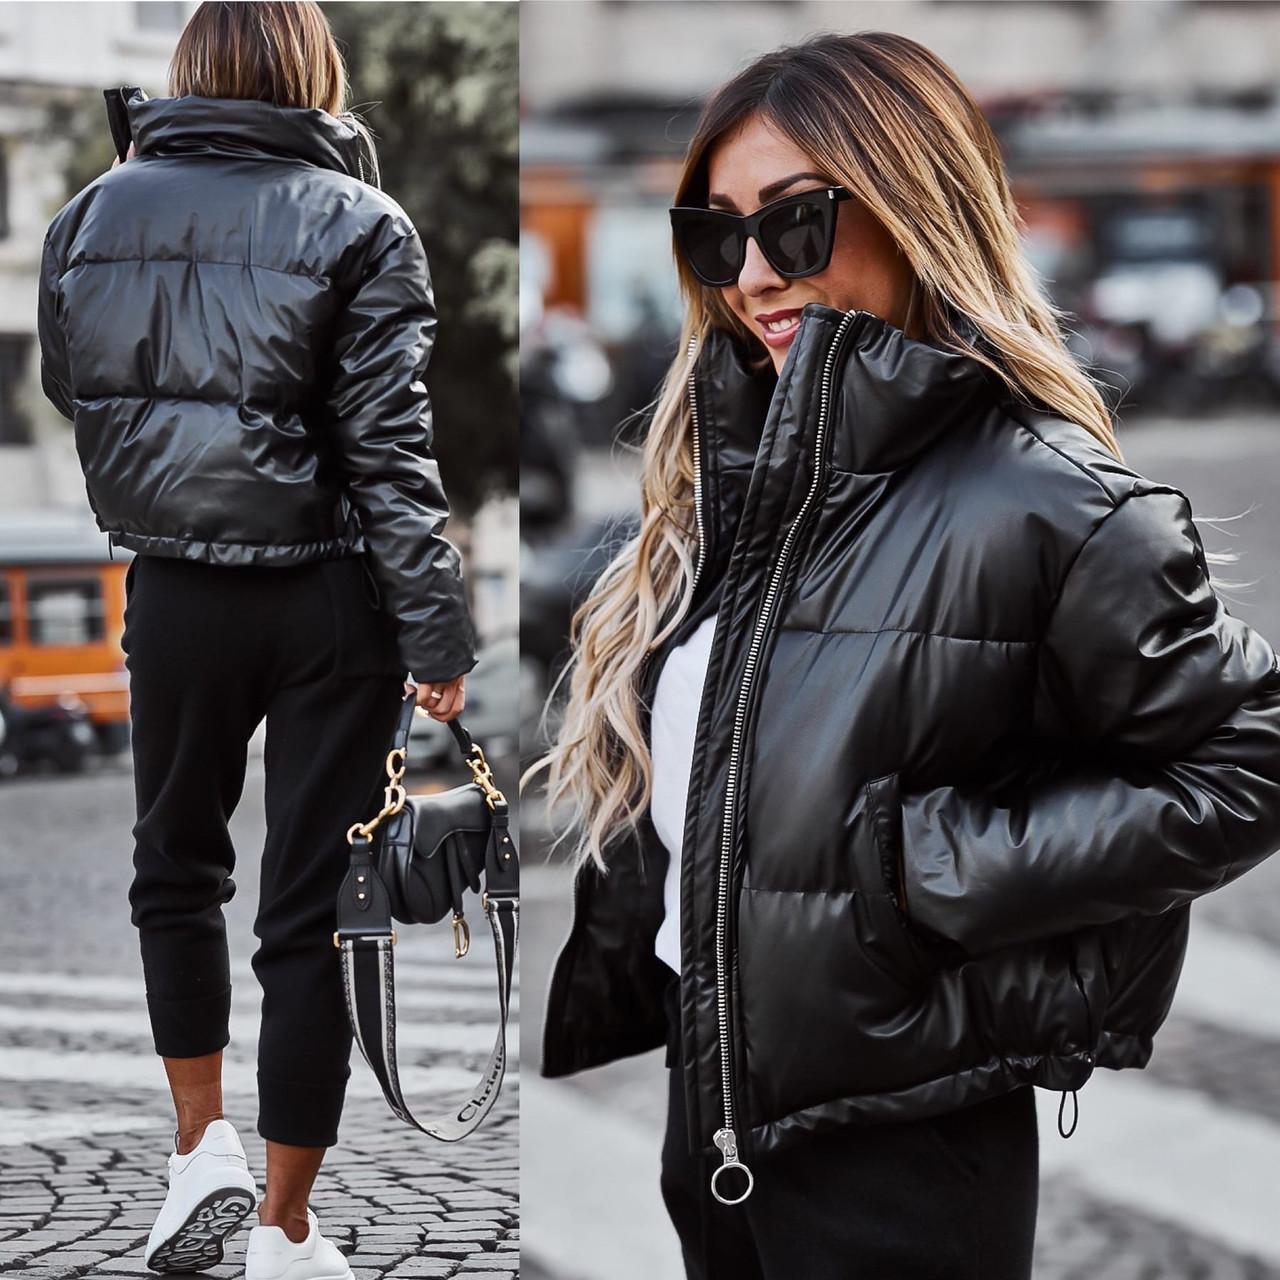 """Женская зимняя куртка в больших размерах """"Кожа Овер"""" в расцветках (66-2940)"""